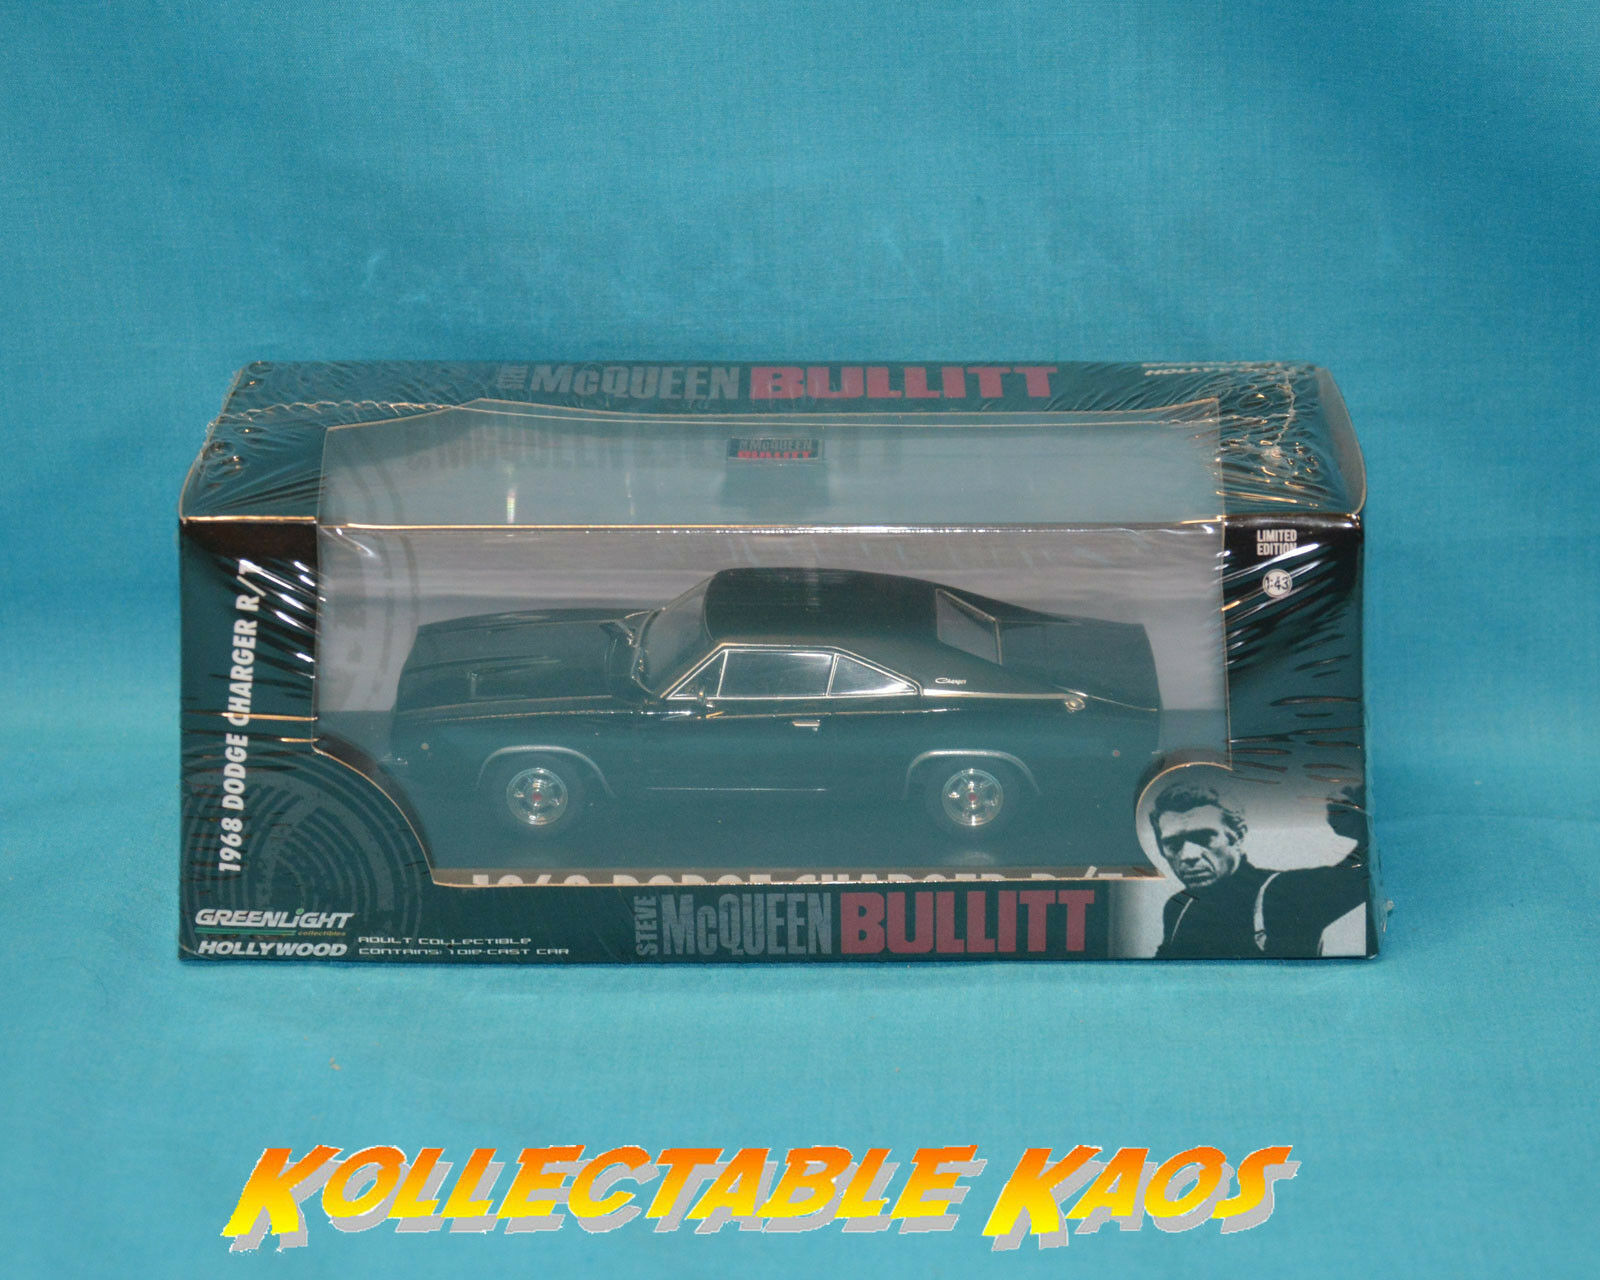 1 43 Greenlight - 1968 Dodge Dodge Dodge Charger R T - Steve McQueen Bullitt 06cae2